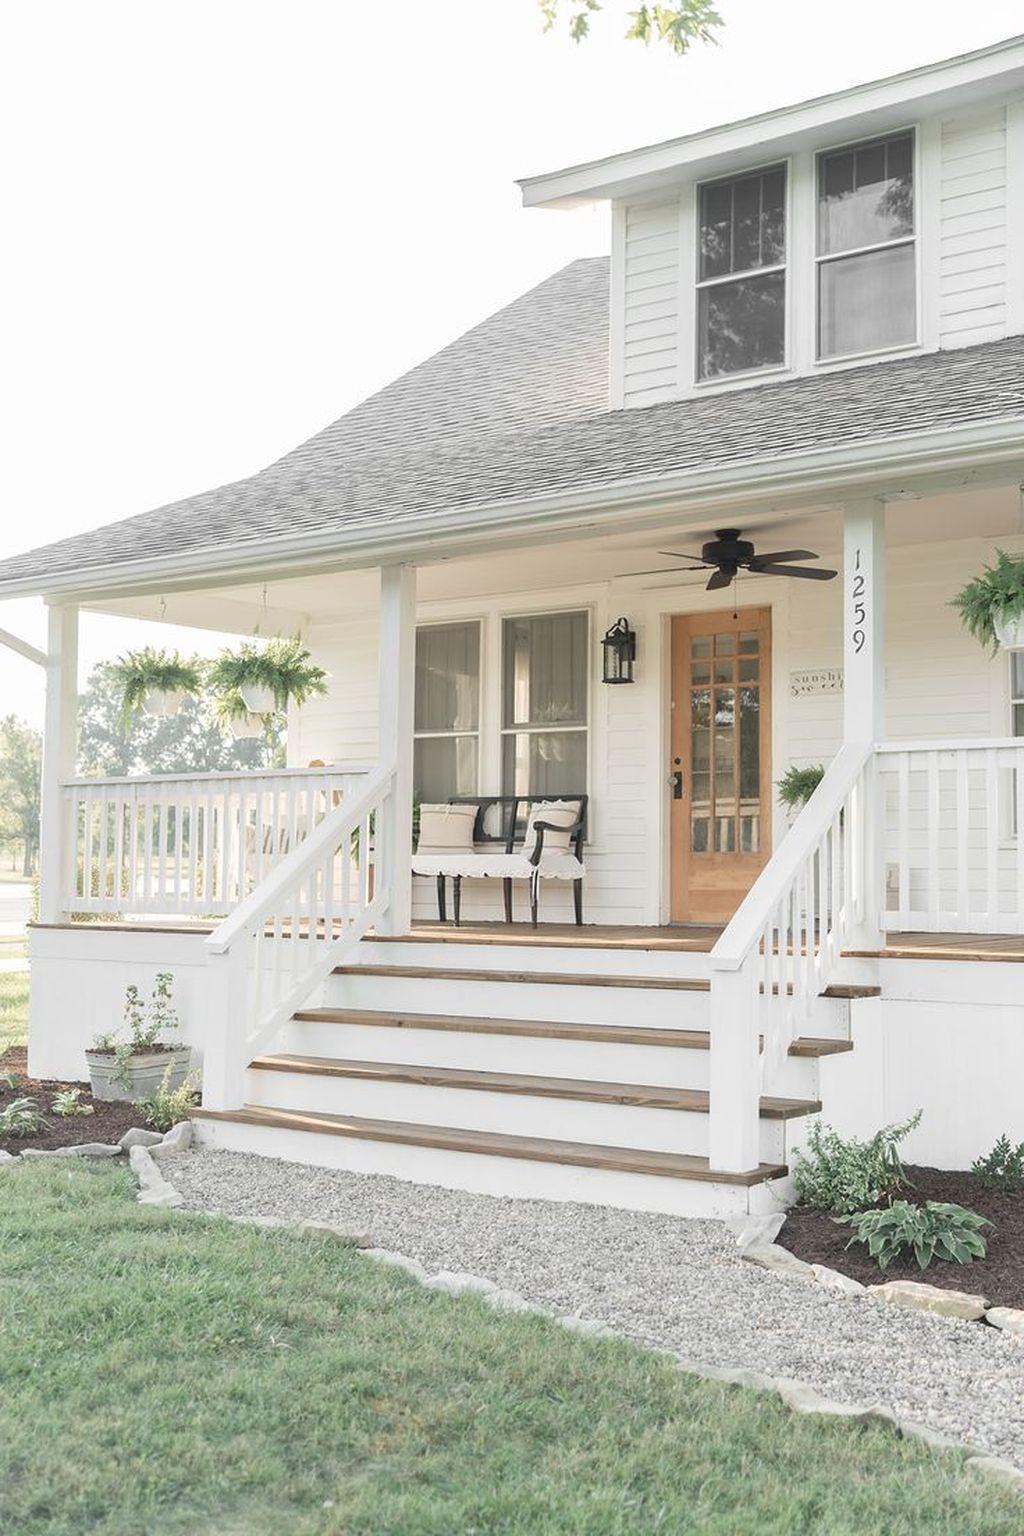 38 Amazing Farmhouse Front Porch Ideas | Dream House | Pinterest ...